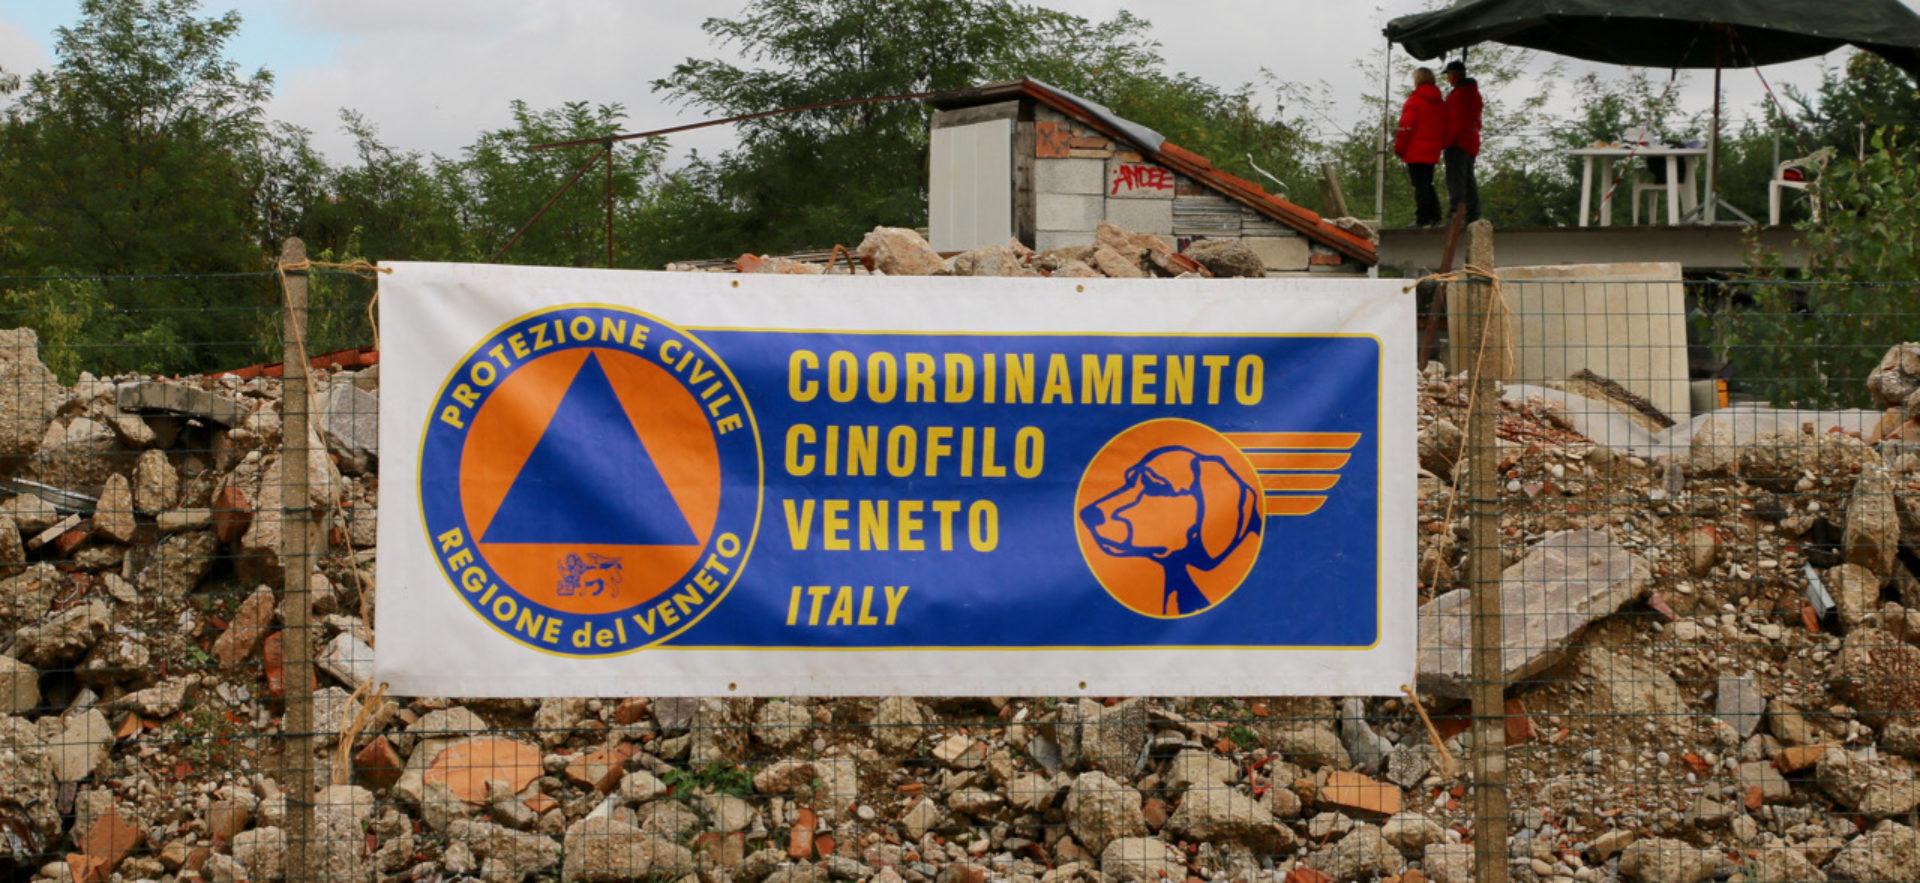 COORDINAMENTO CINOFILO VENETO